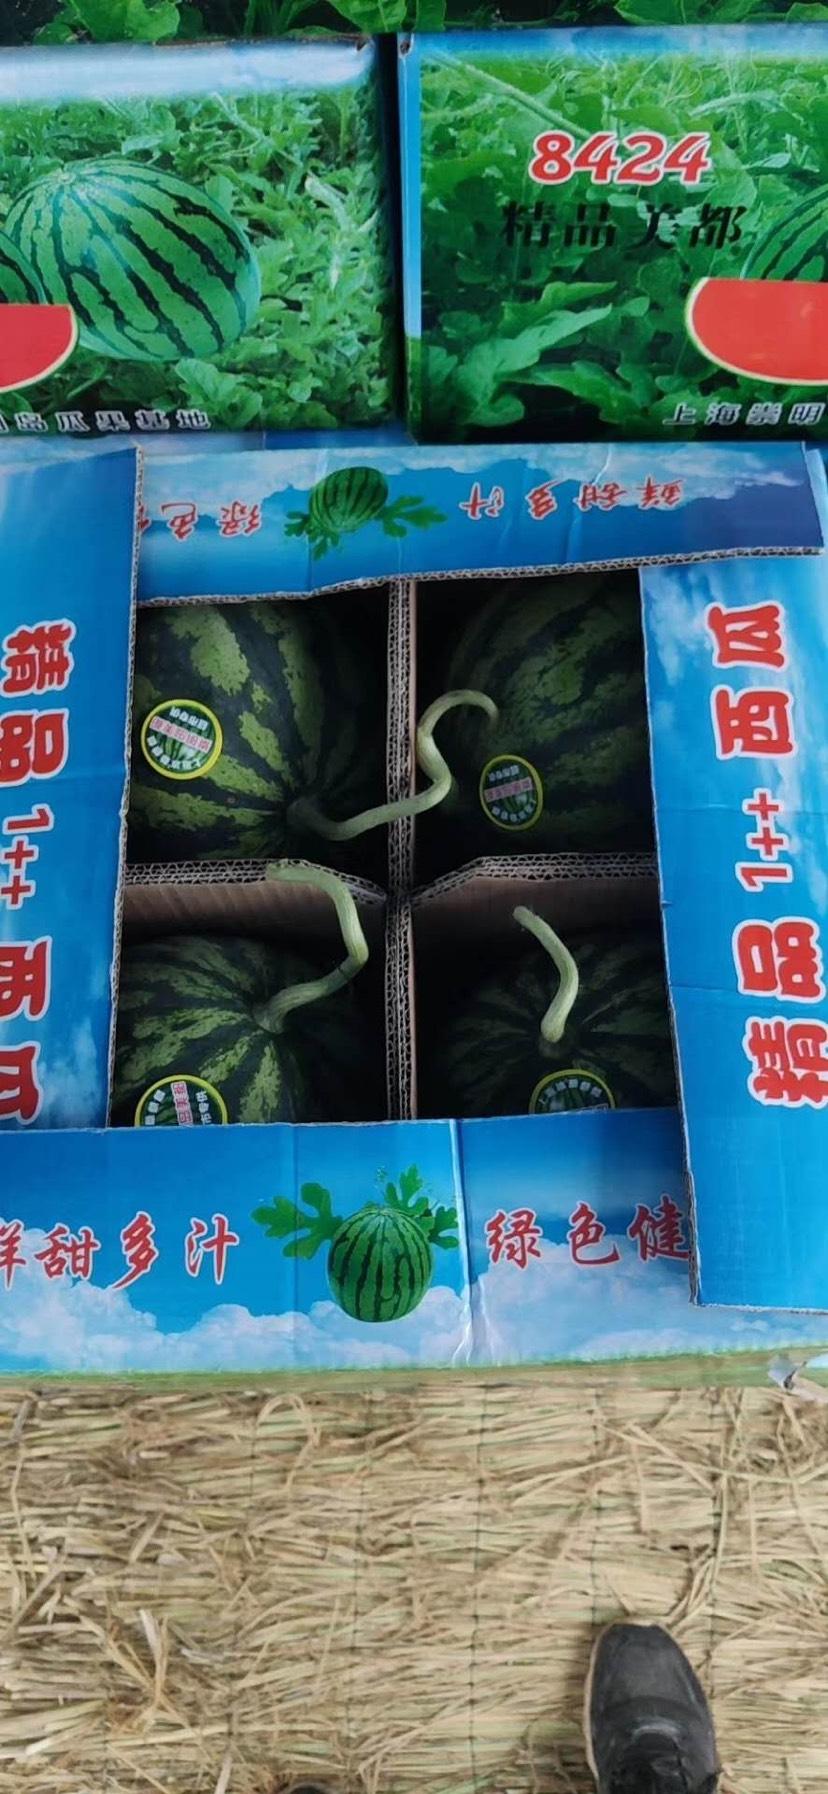 8424西瓜  精品美都,纯无籽,云南西双版纳大批量供应